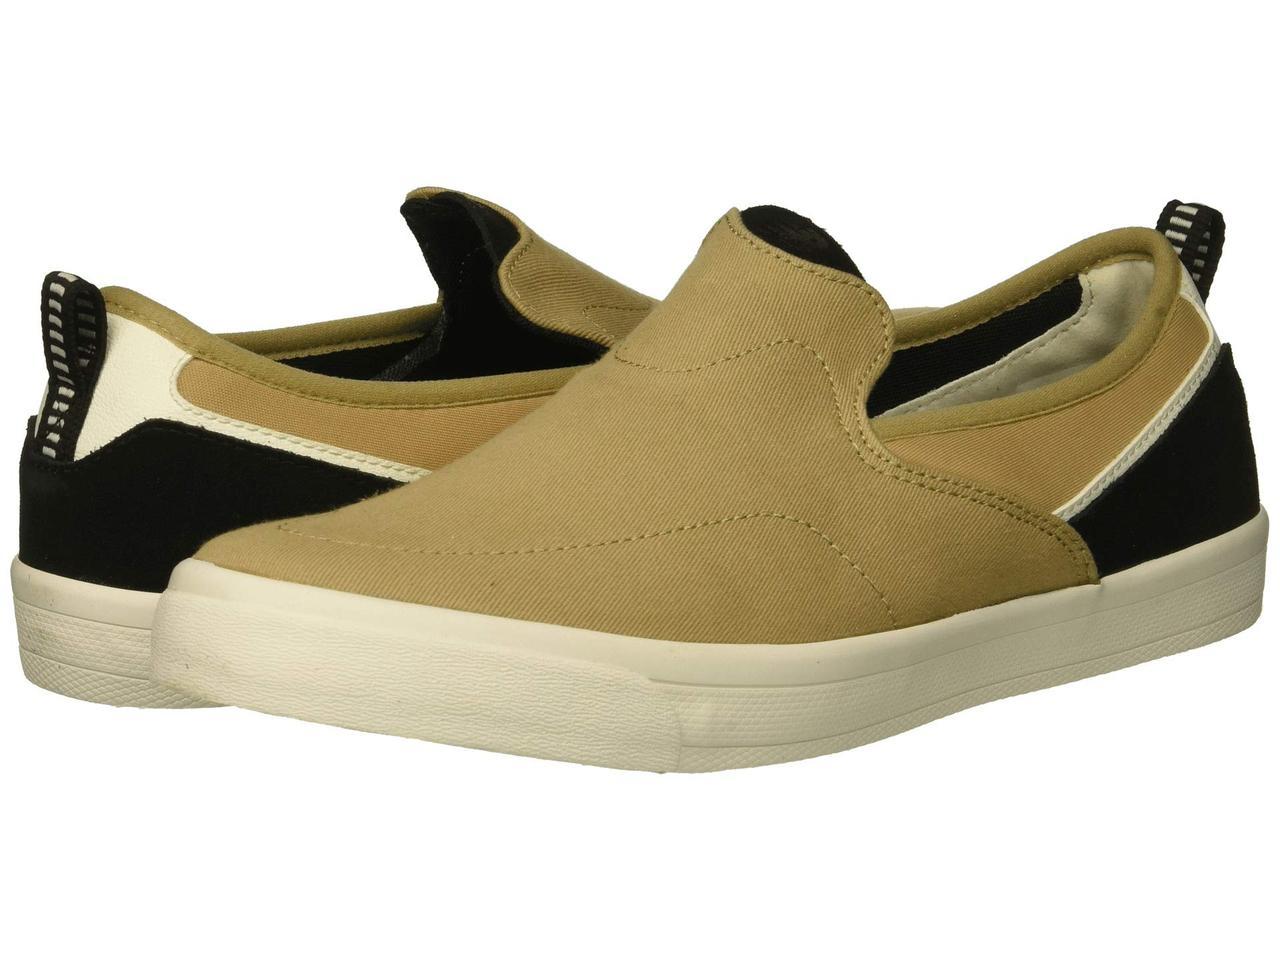 52eb4754 Кеды New Balance Numeric AM101 Multi - Оригинал - FAIR - оригинальная  одежда и обувь в